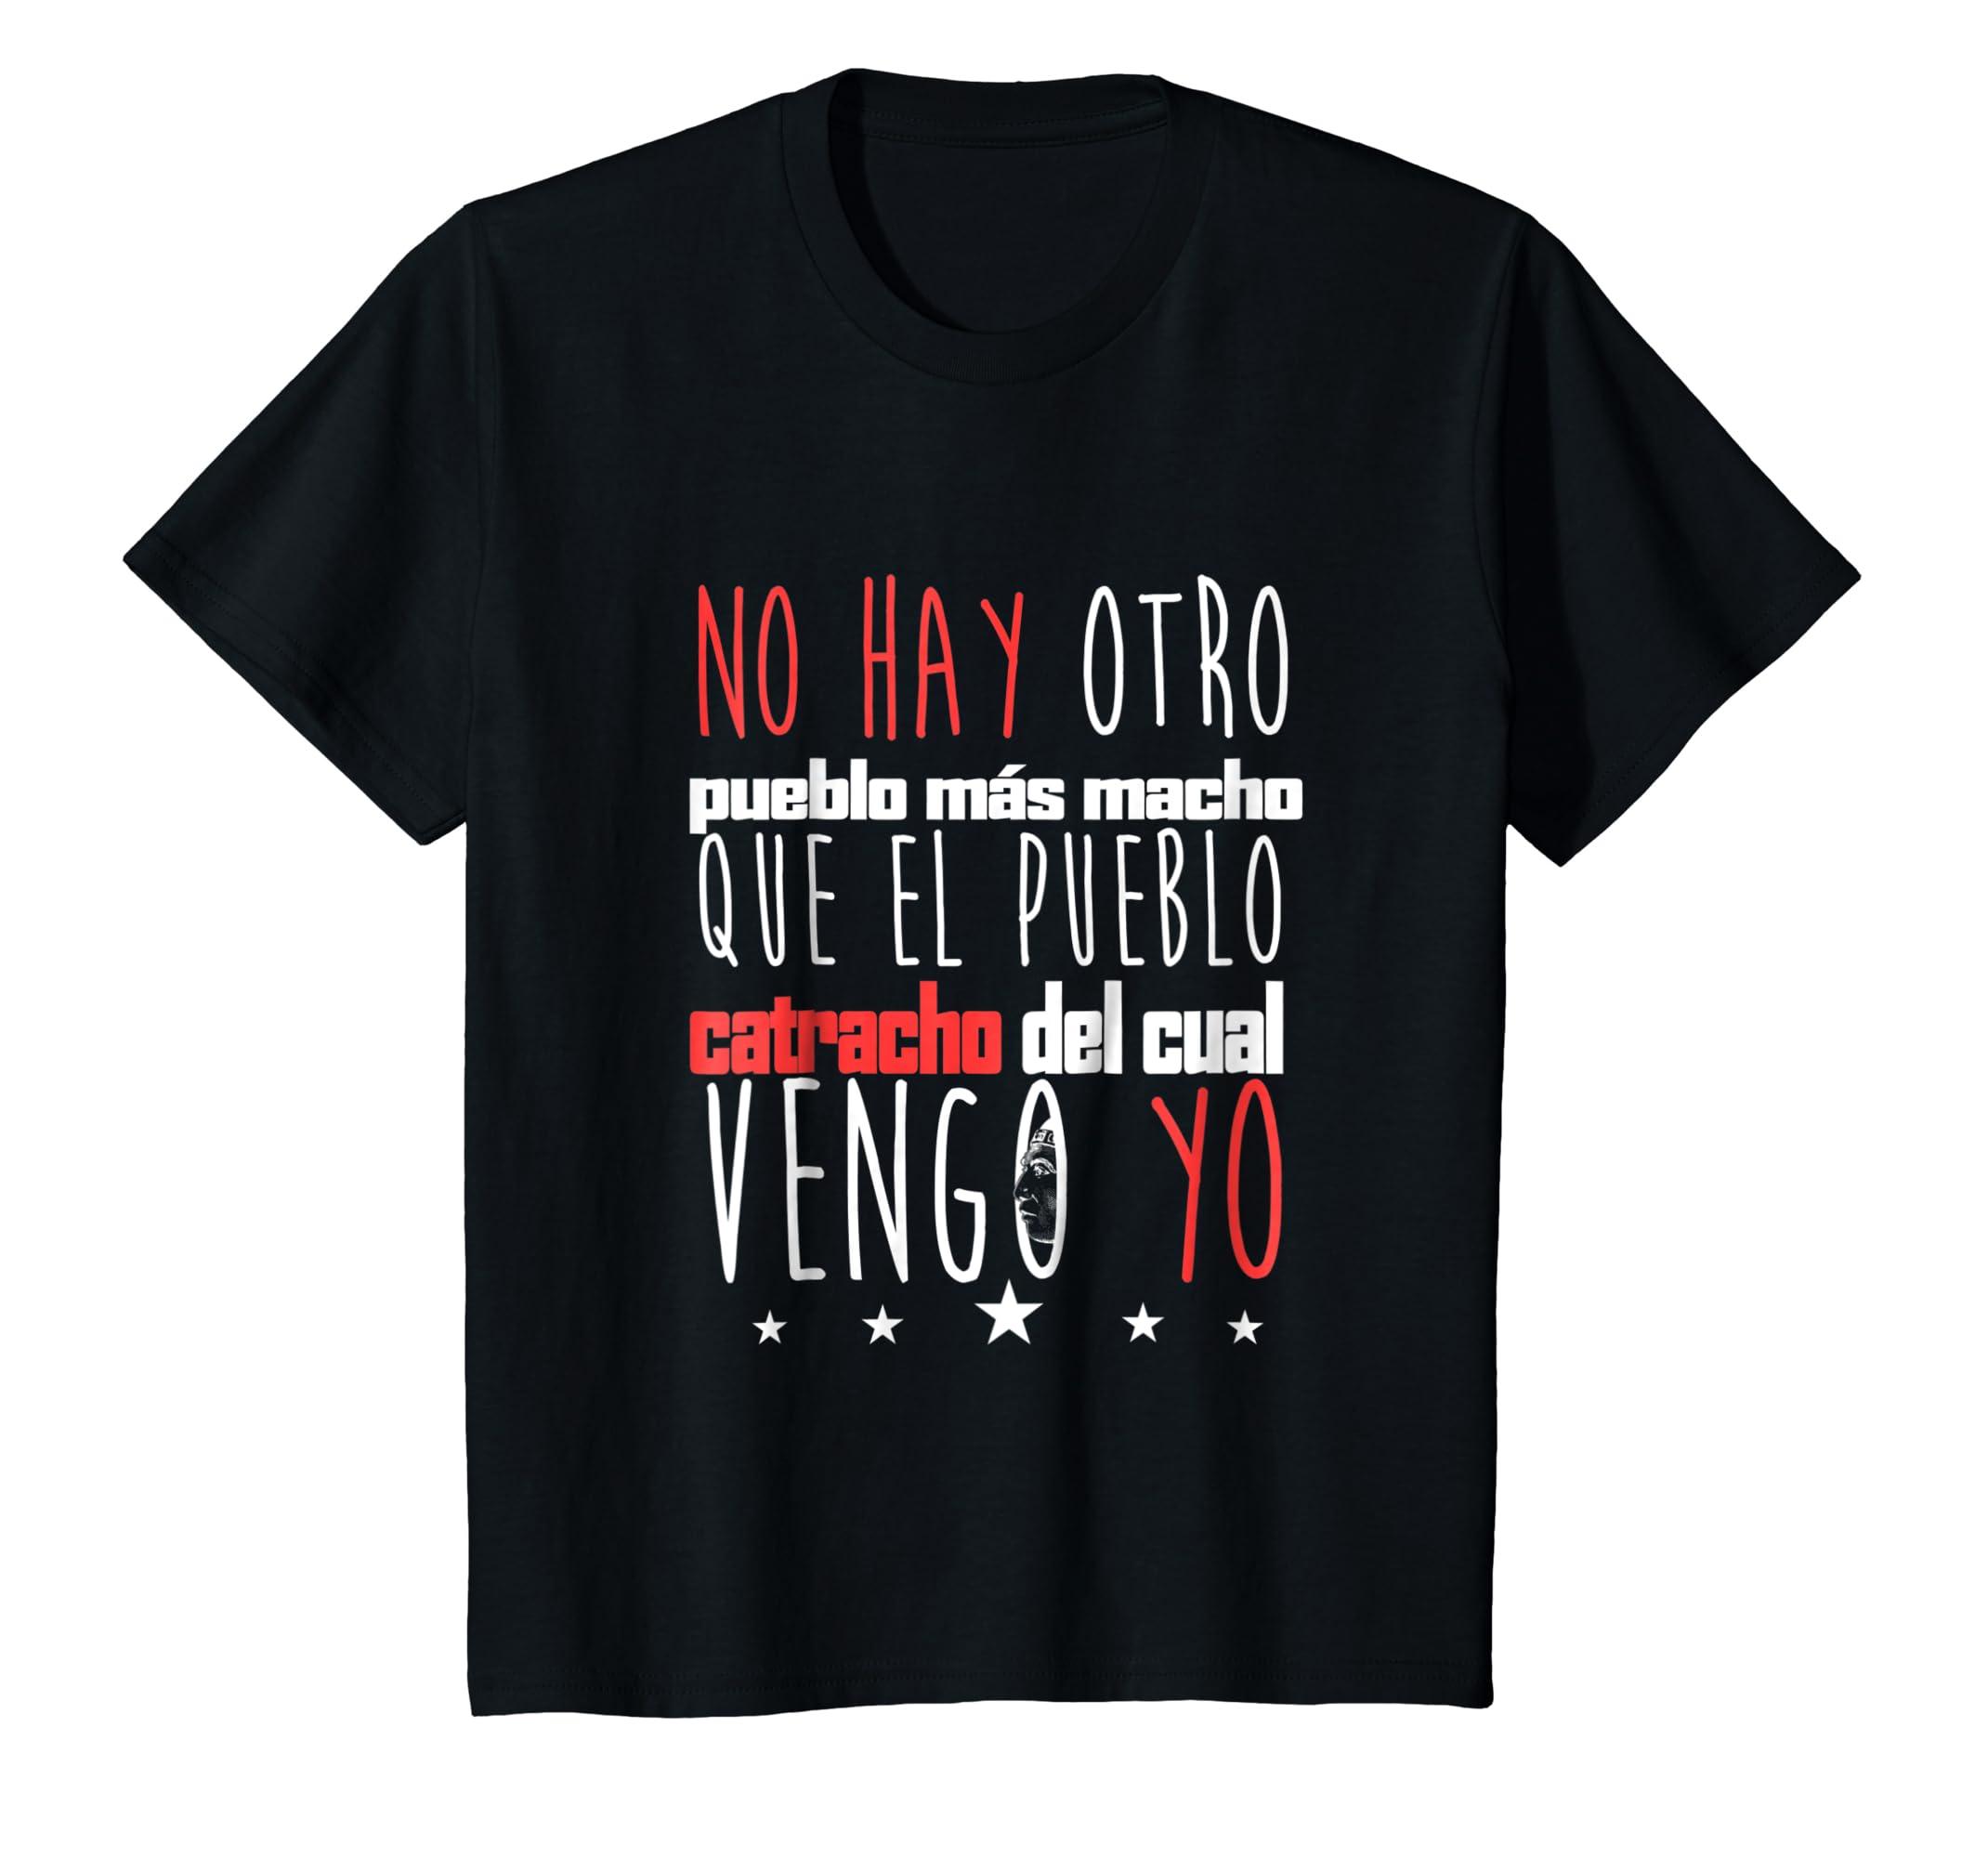 Amazon.com: Honduras, no hay otro pueblo mas macho, catracho T Shirt: Clothing